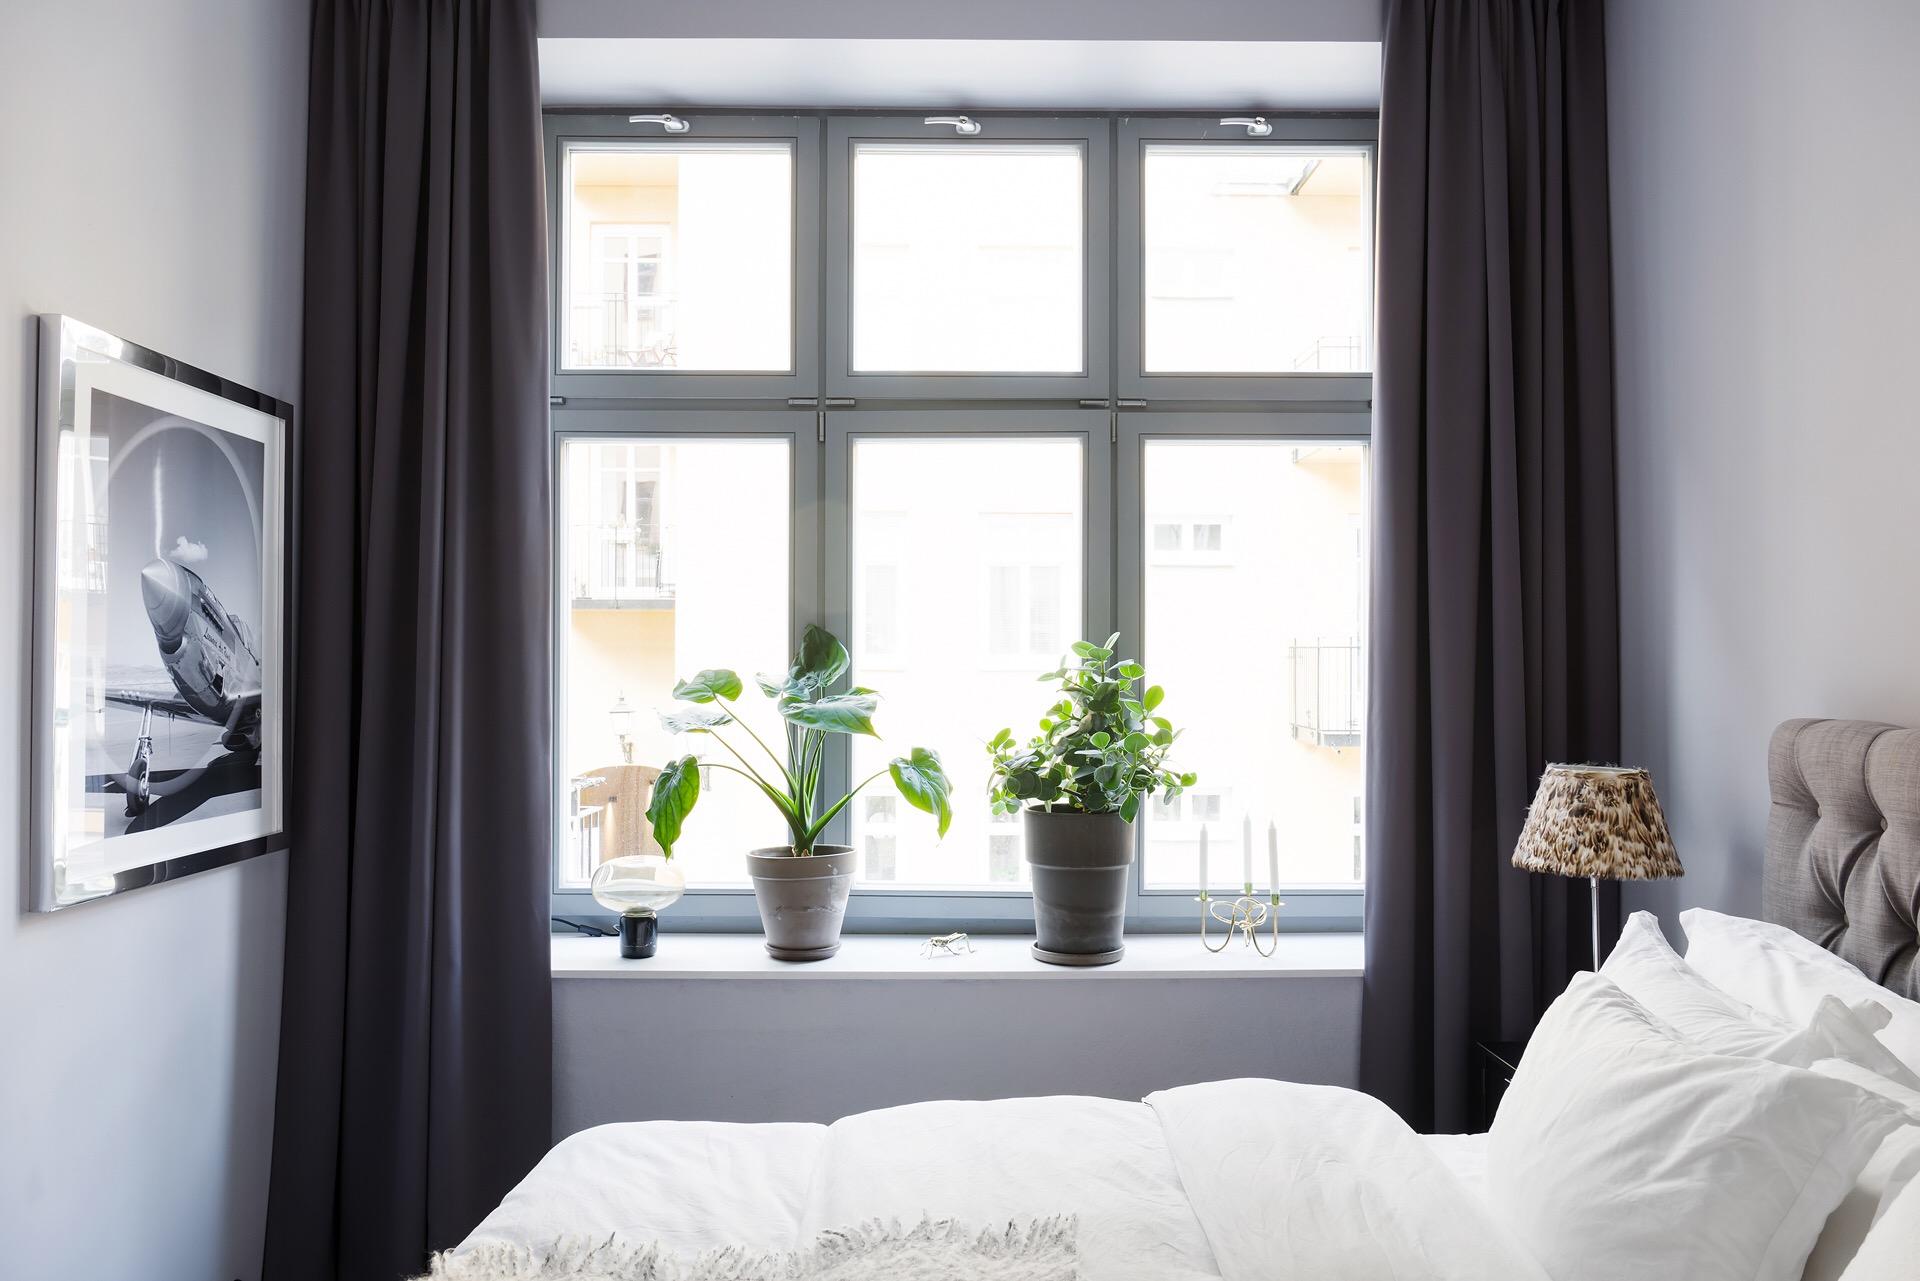 спальня кровать окно шторы подоконник цветок